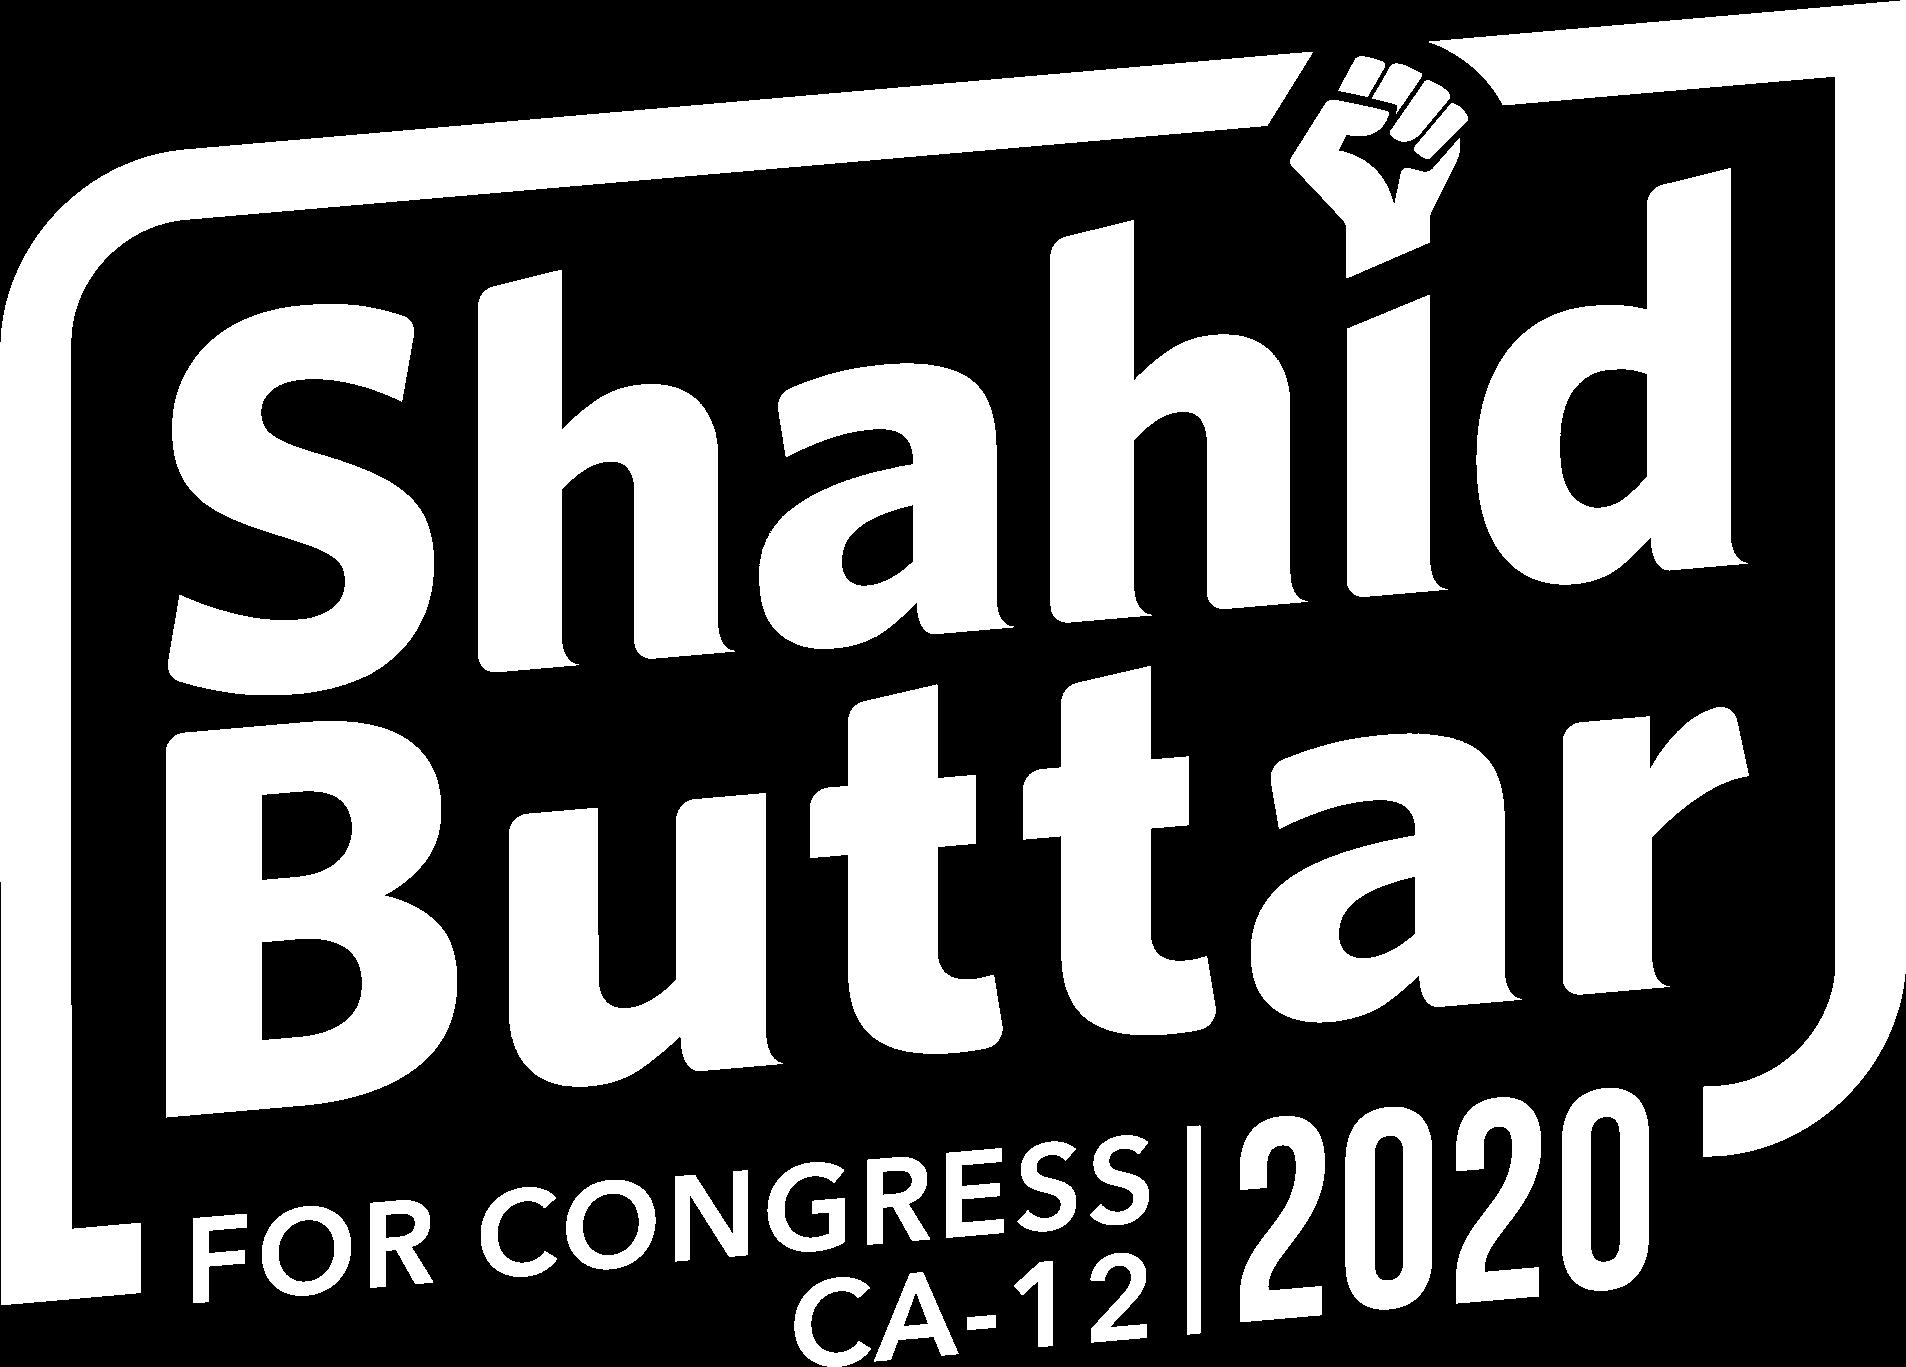 Shahid Buttar